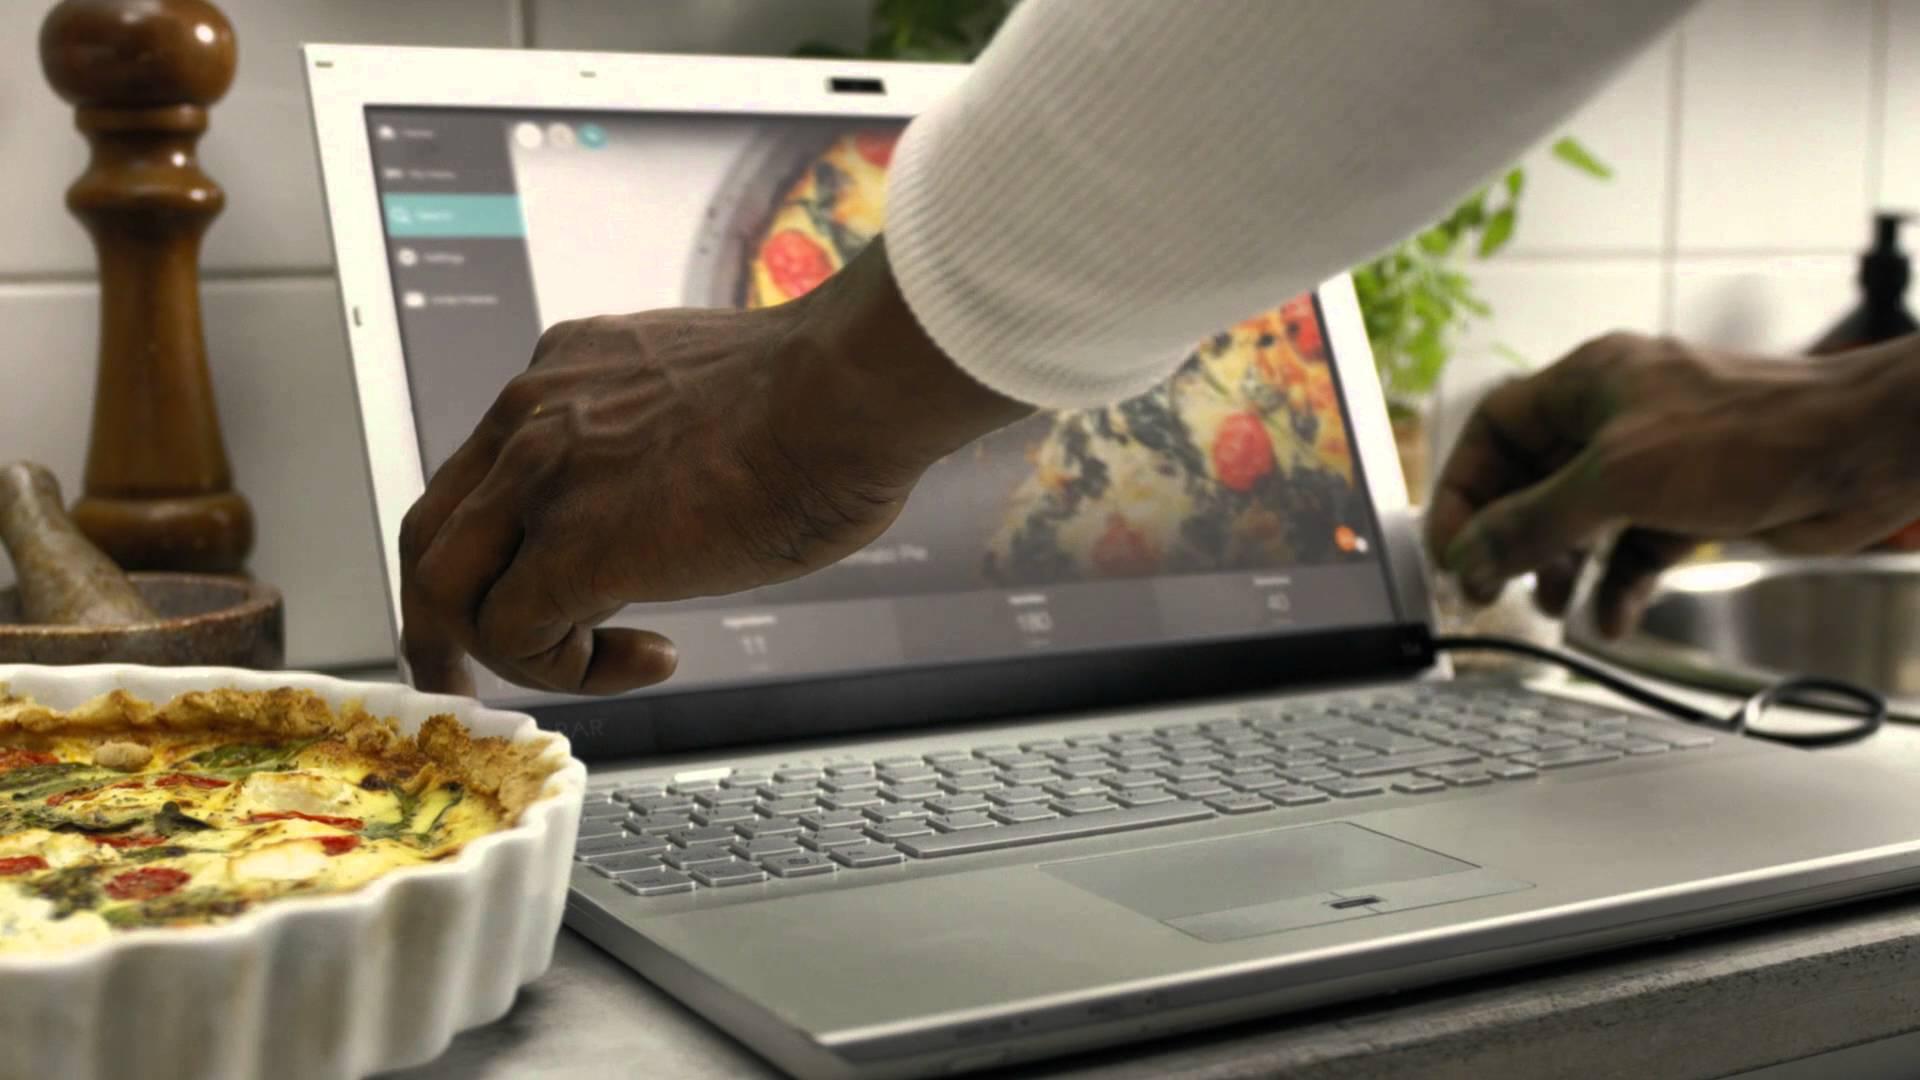 Как сделать экран на ноутбуке сенсорным